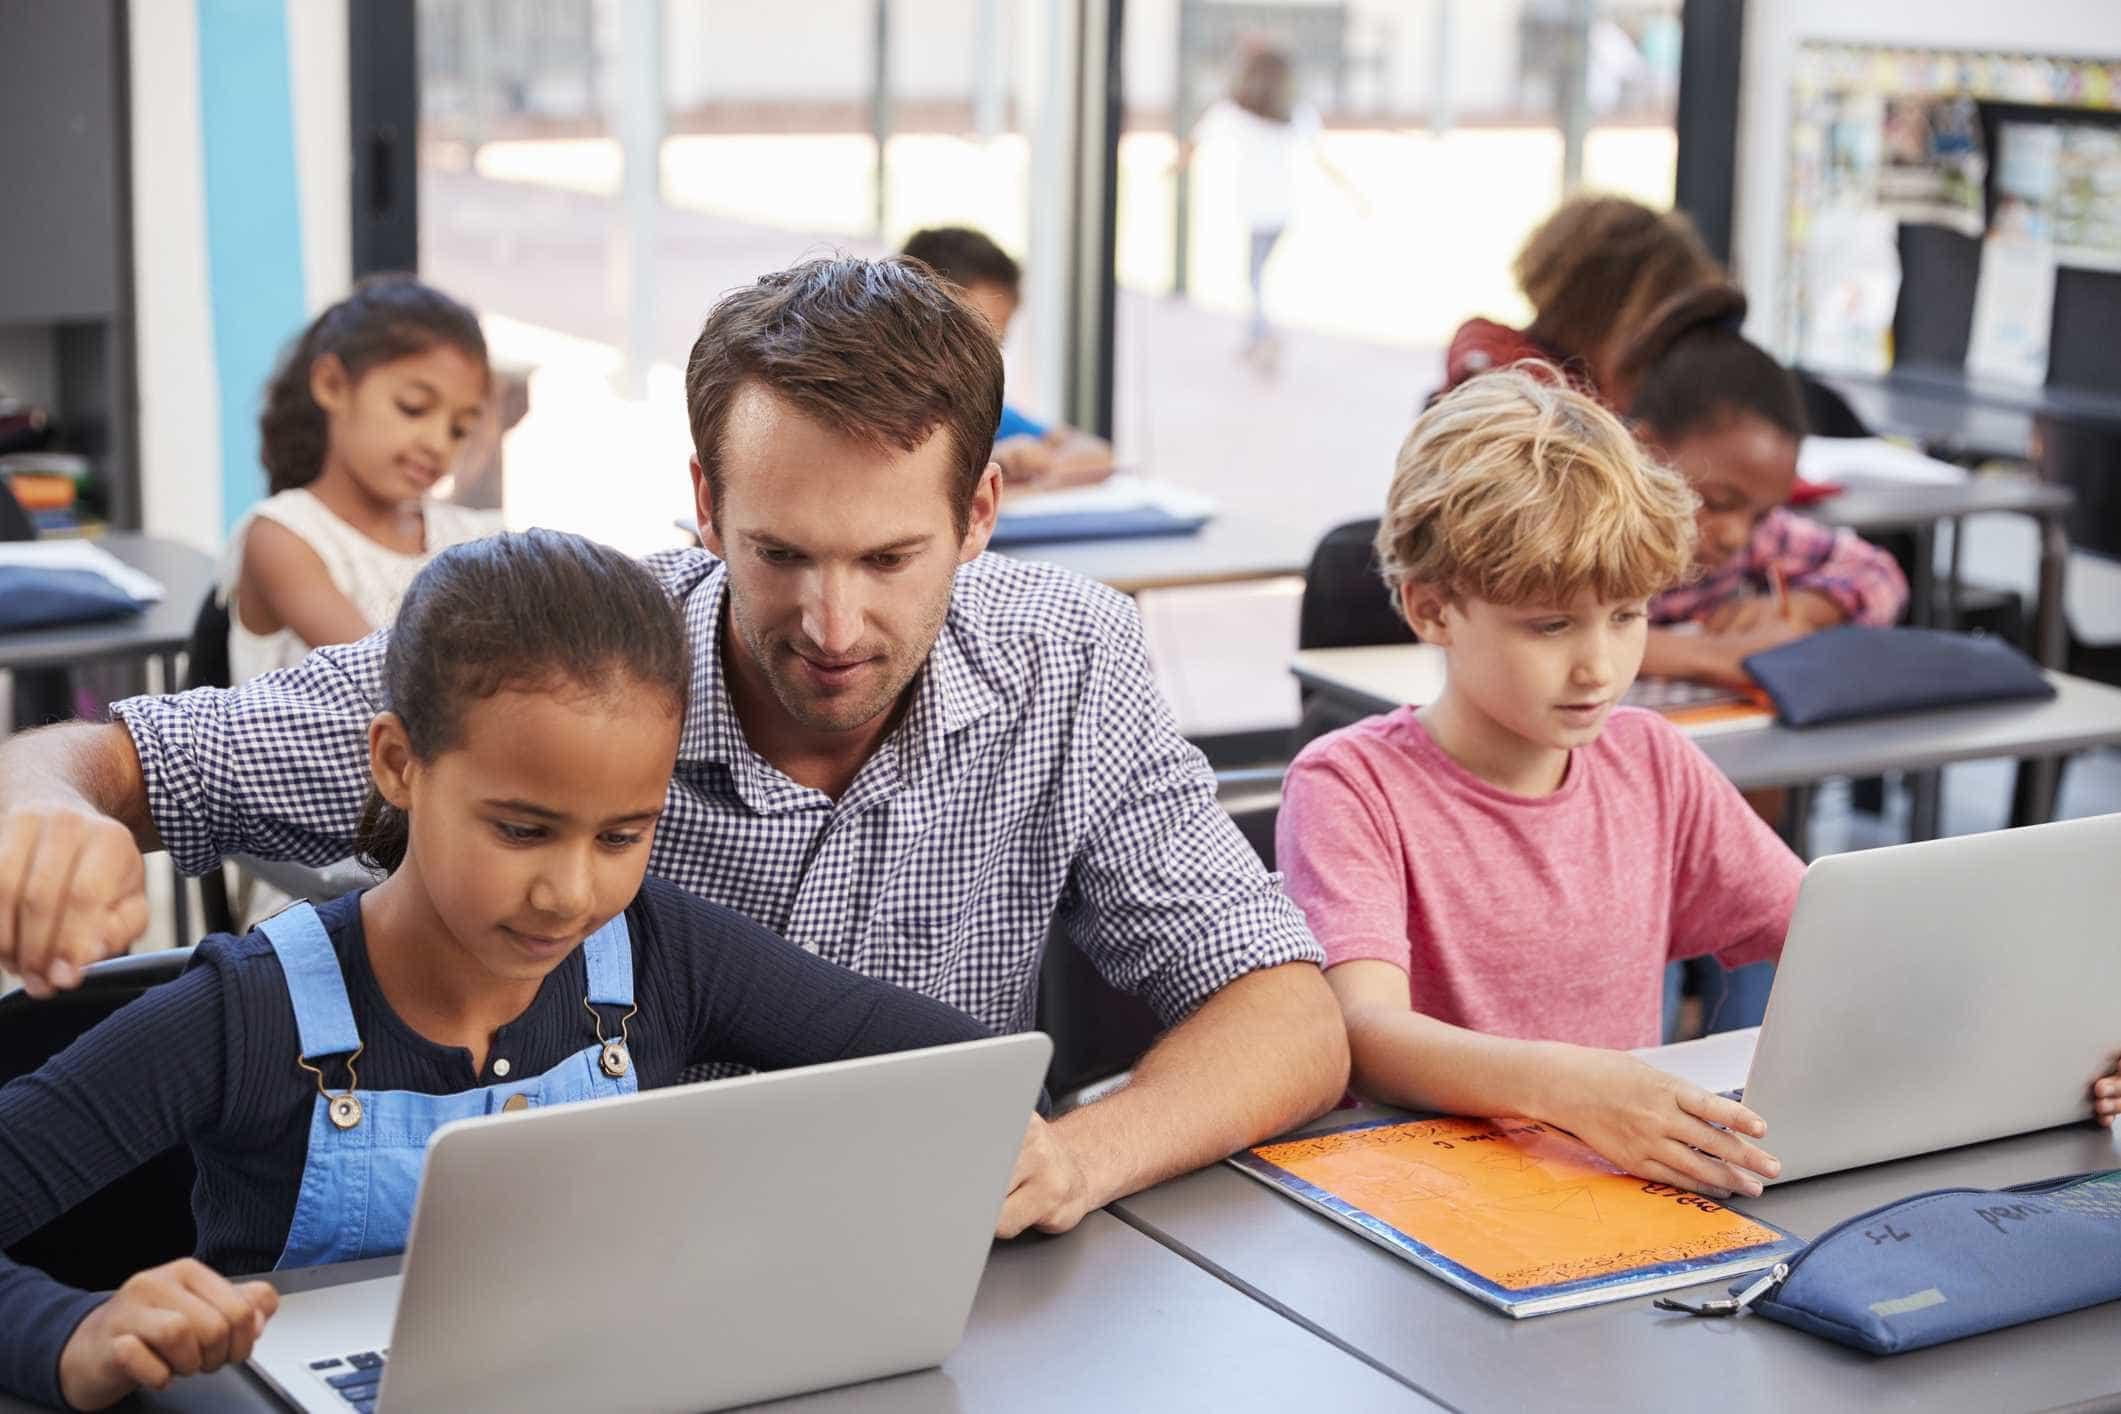 Tempo gasto em frente a telas afeta desenvolvimento de criança